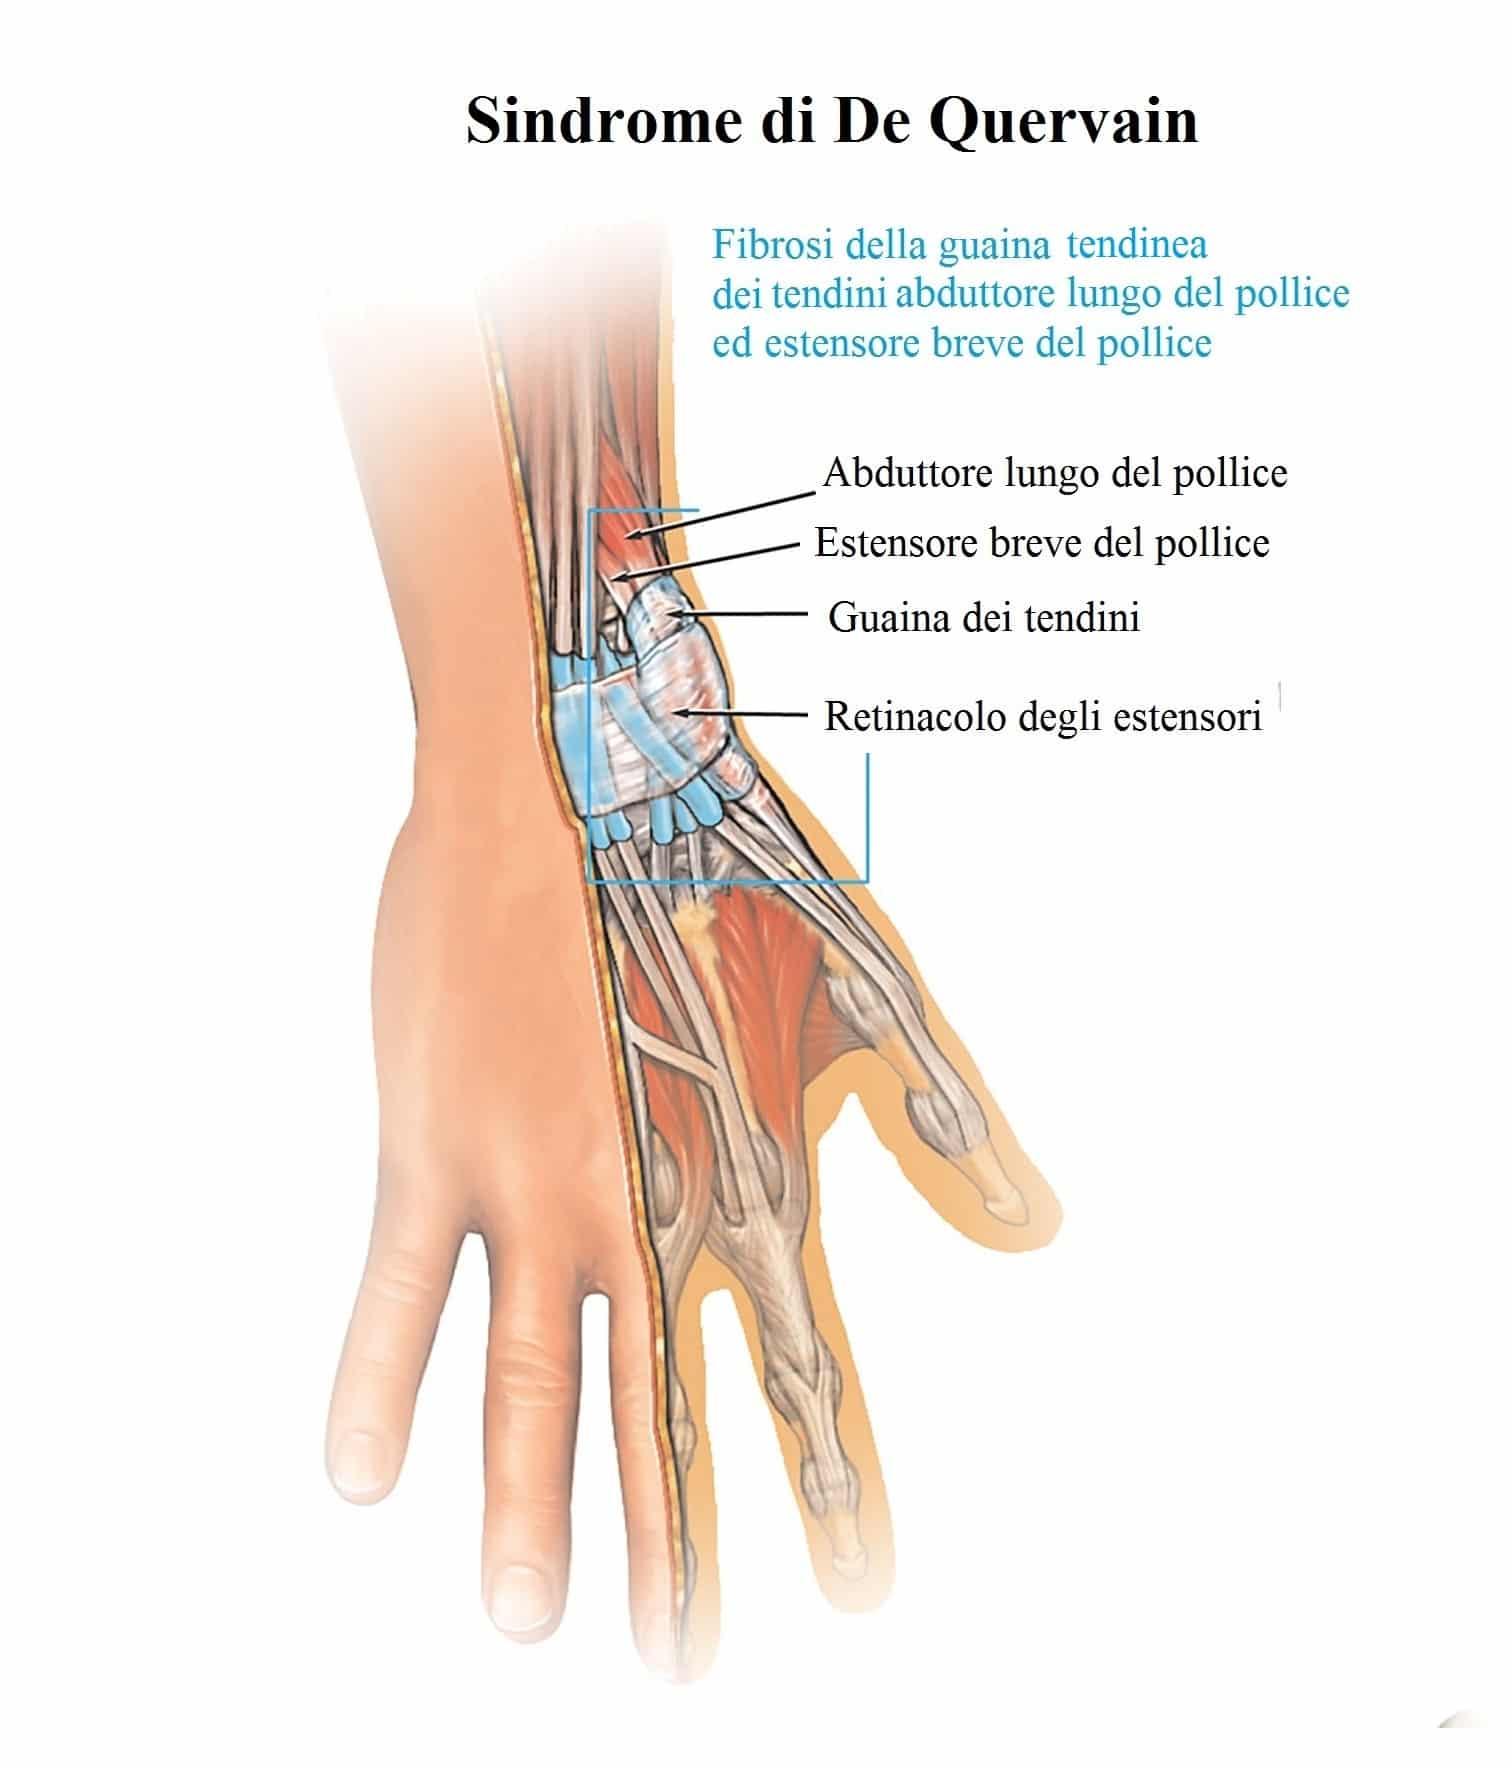 dolore alle dita della mano destra o sinistra e polso